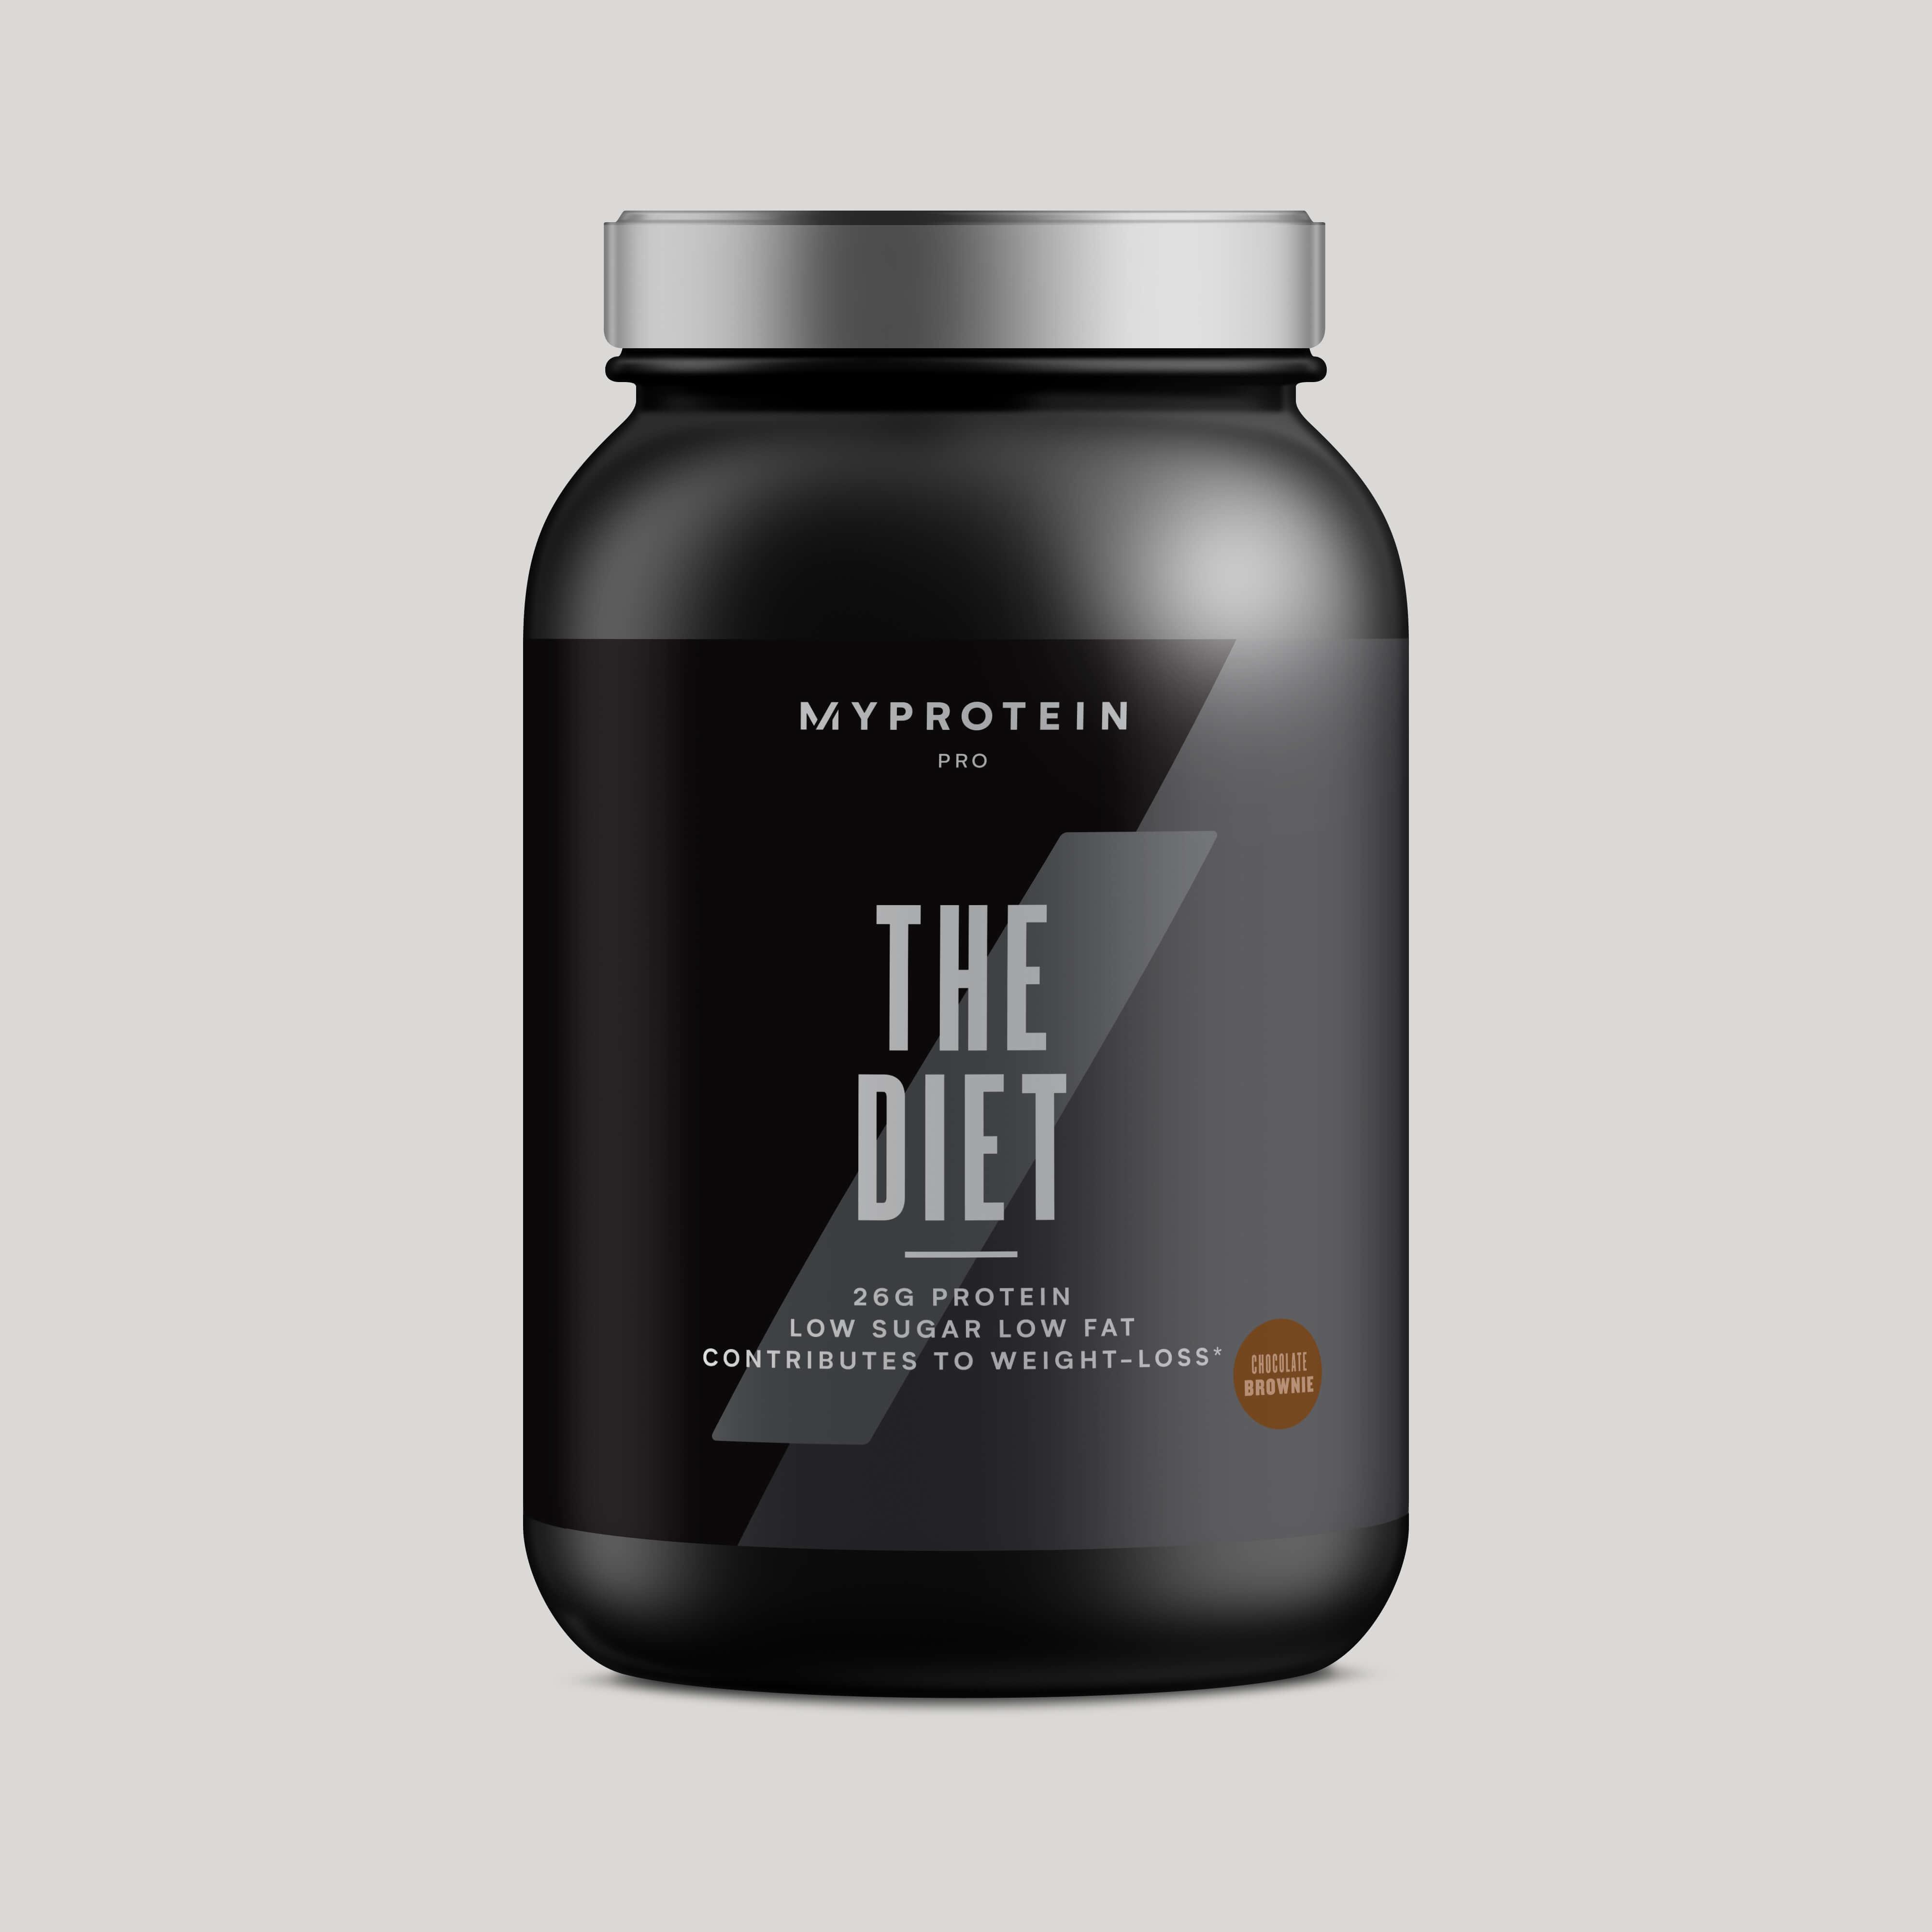 Η καλύτερη πρωτεΐνη για απώλεια βάρους